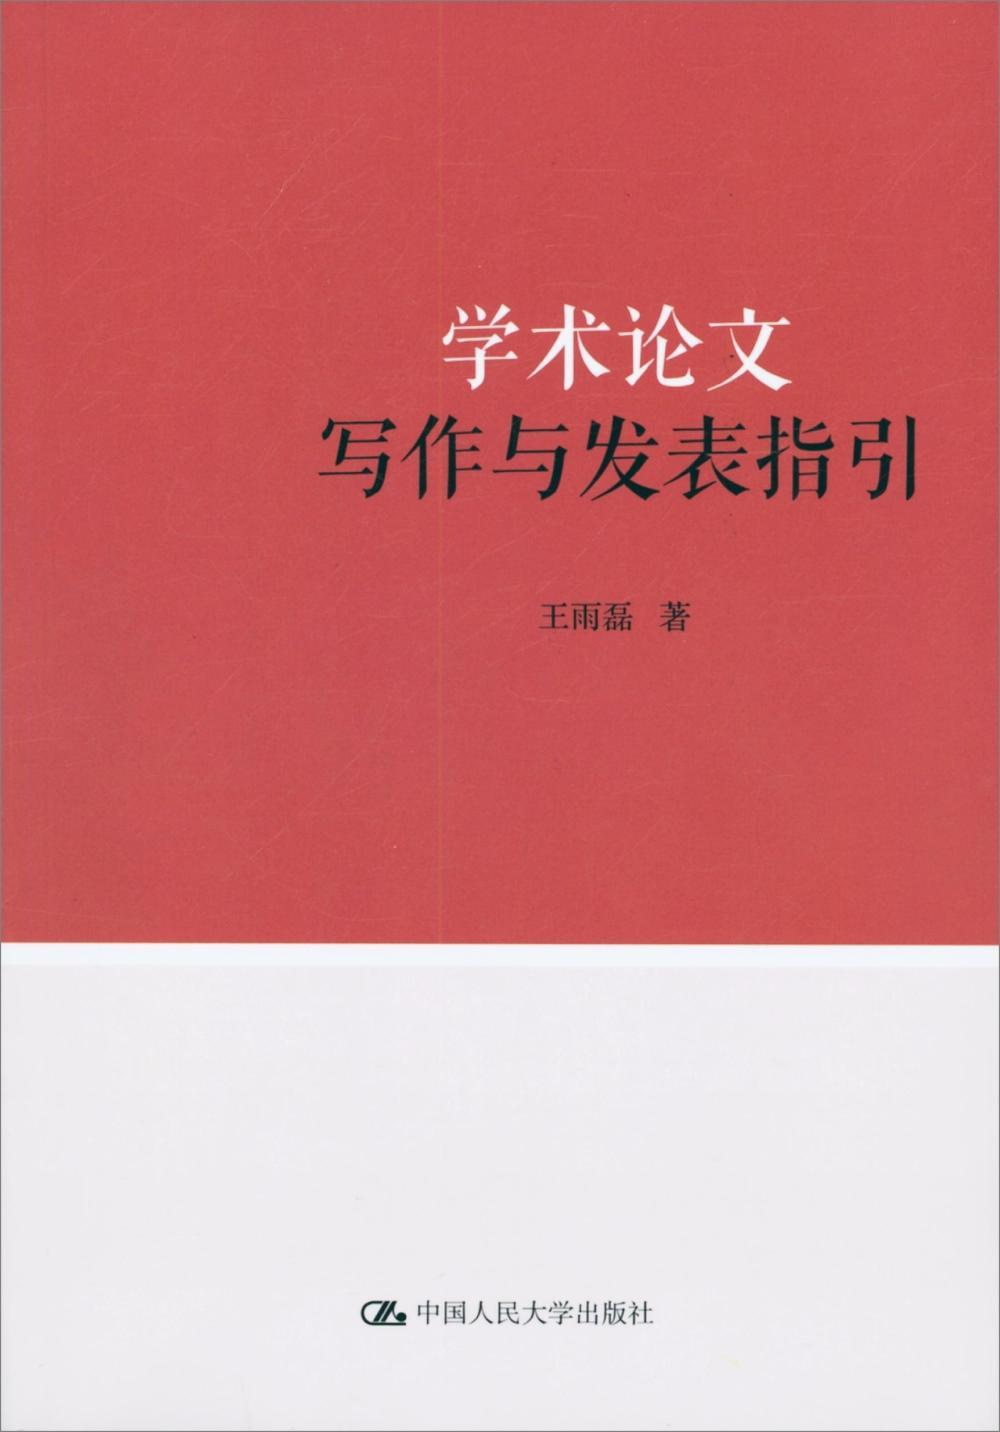 學術論文寫作與發表指引